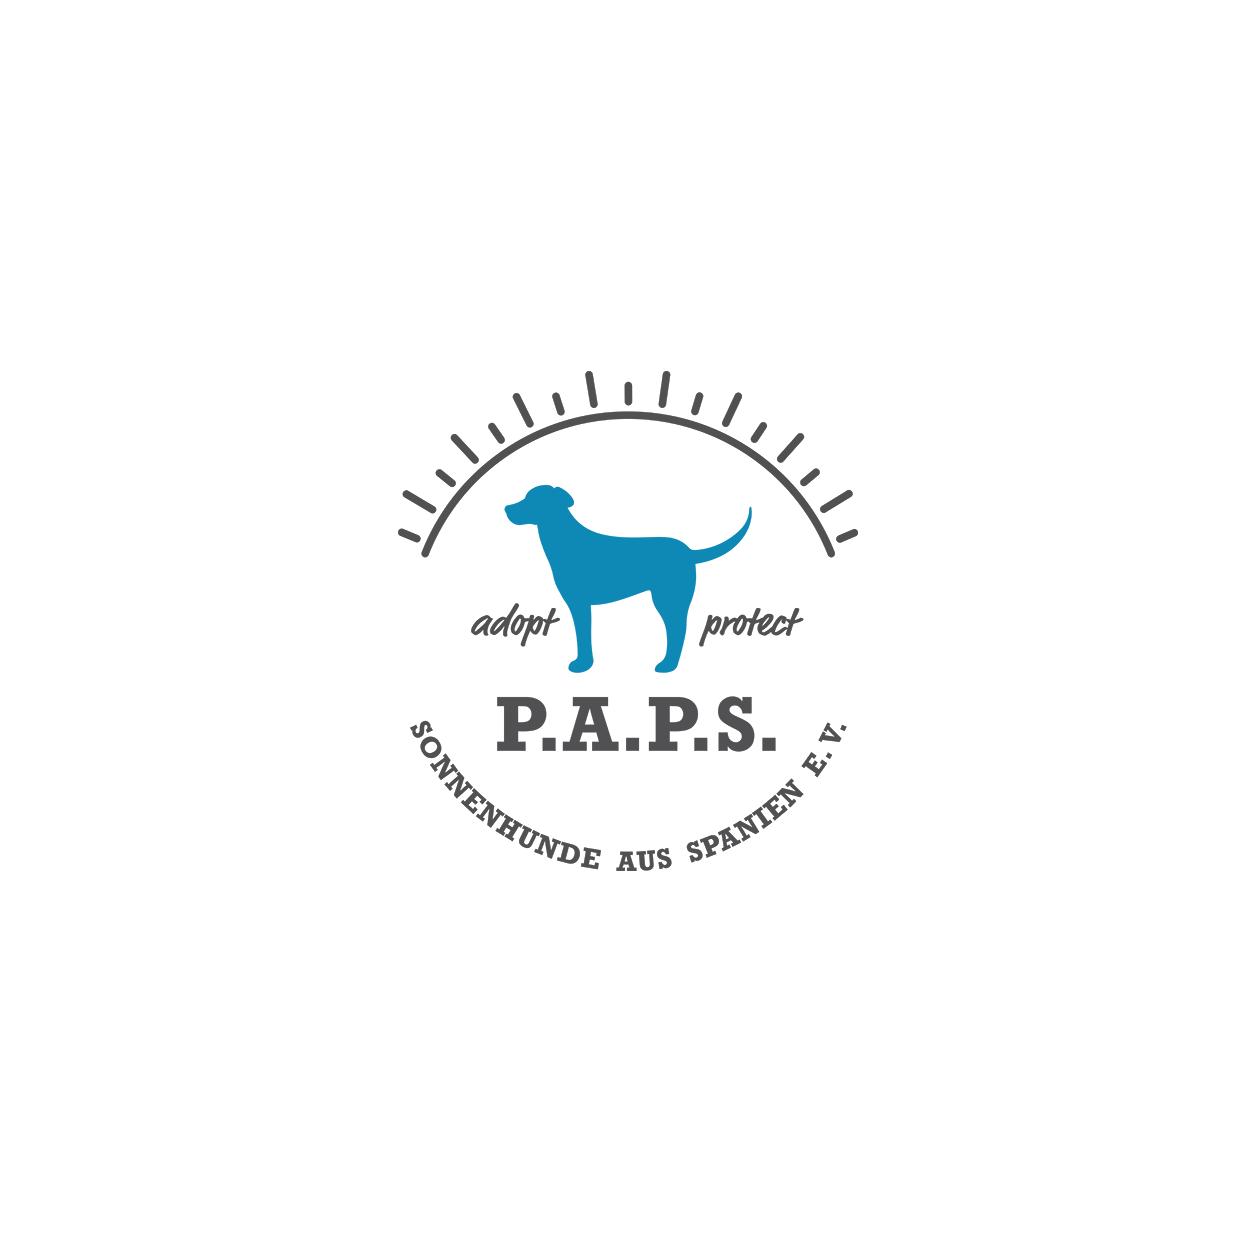 P.A.P.S. – Sonnenhunde